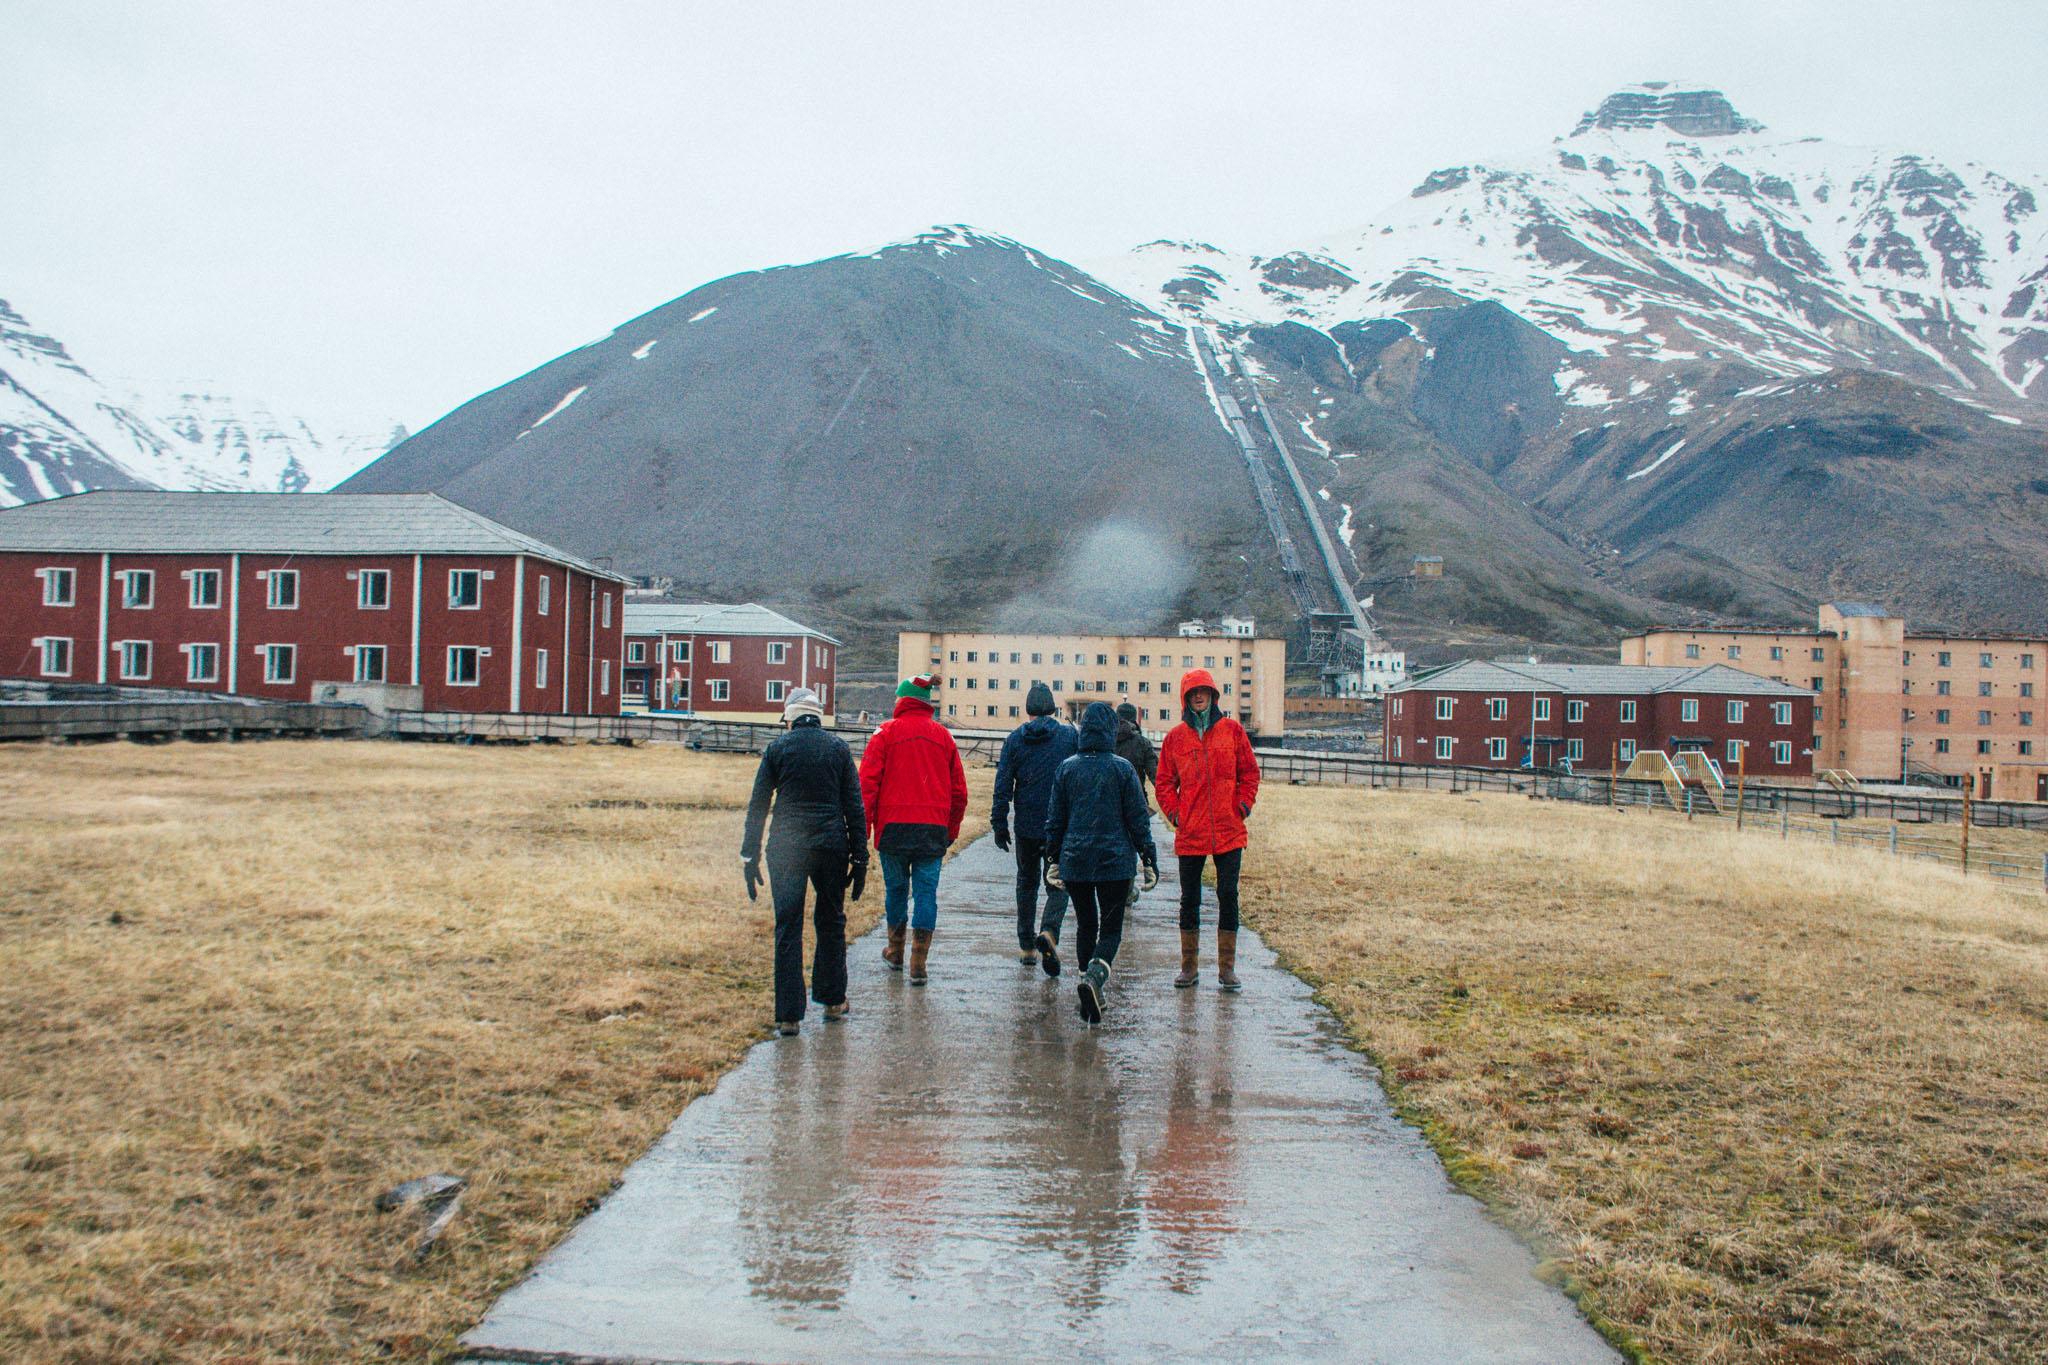 Svalbard_2018_Pukka_Perri_Rothenberg-95.jpg